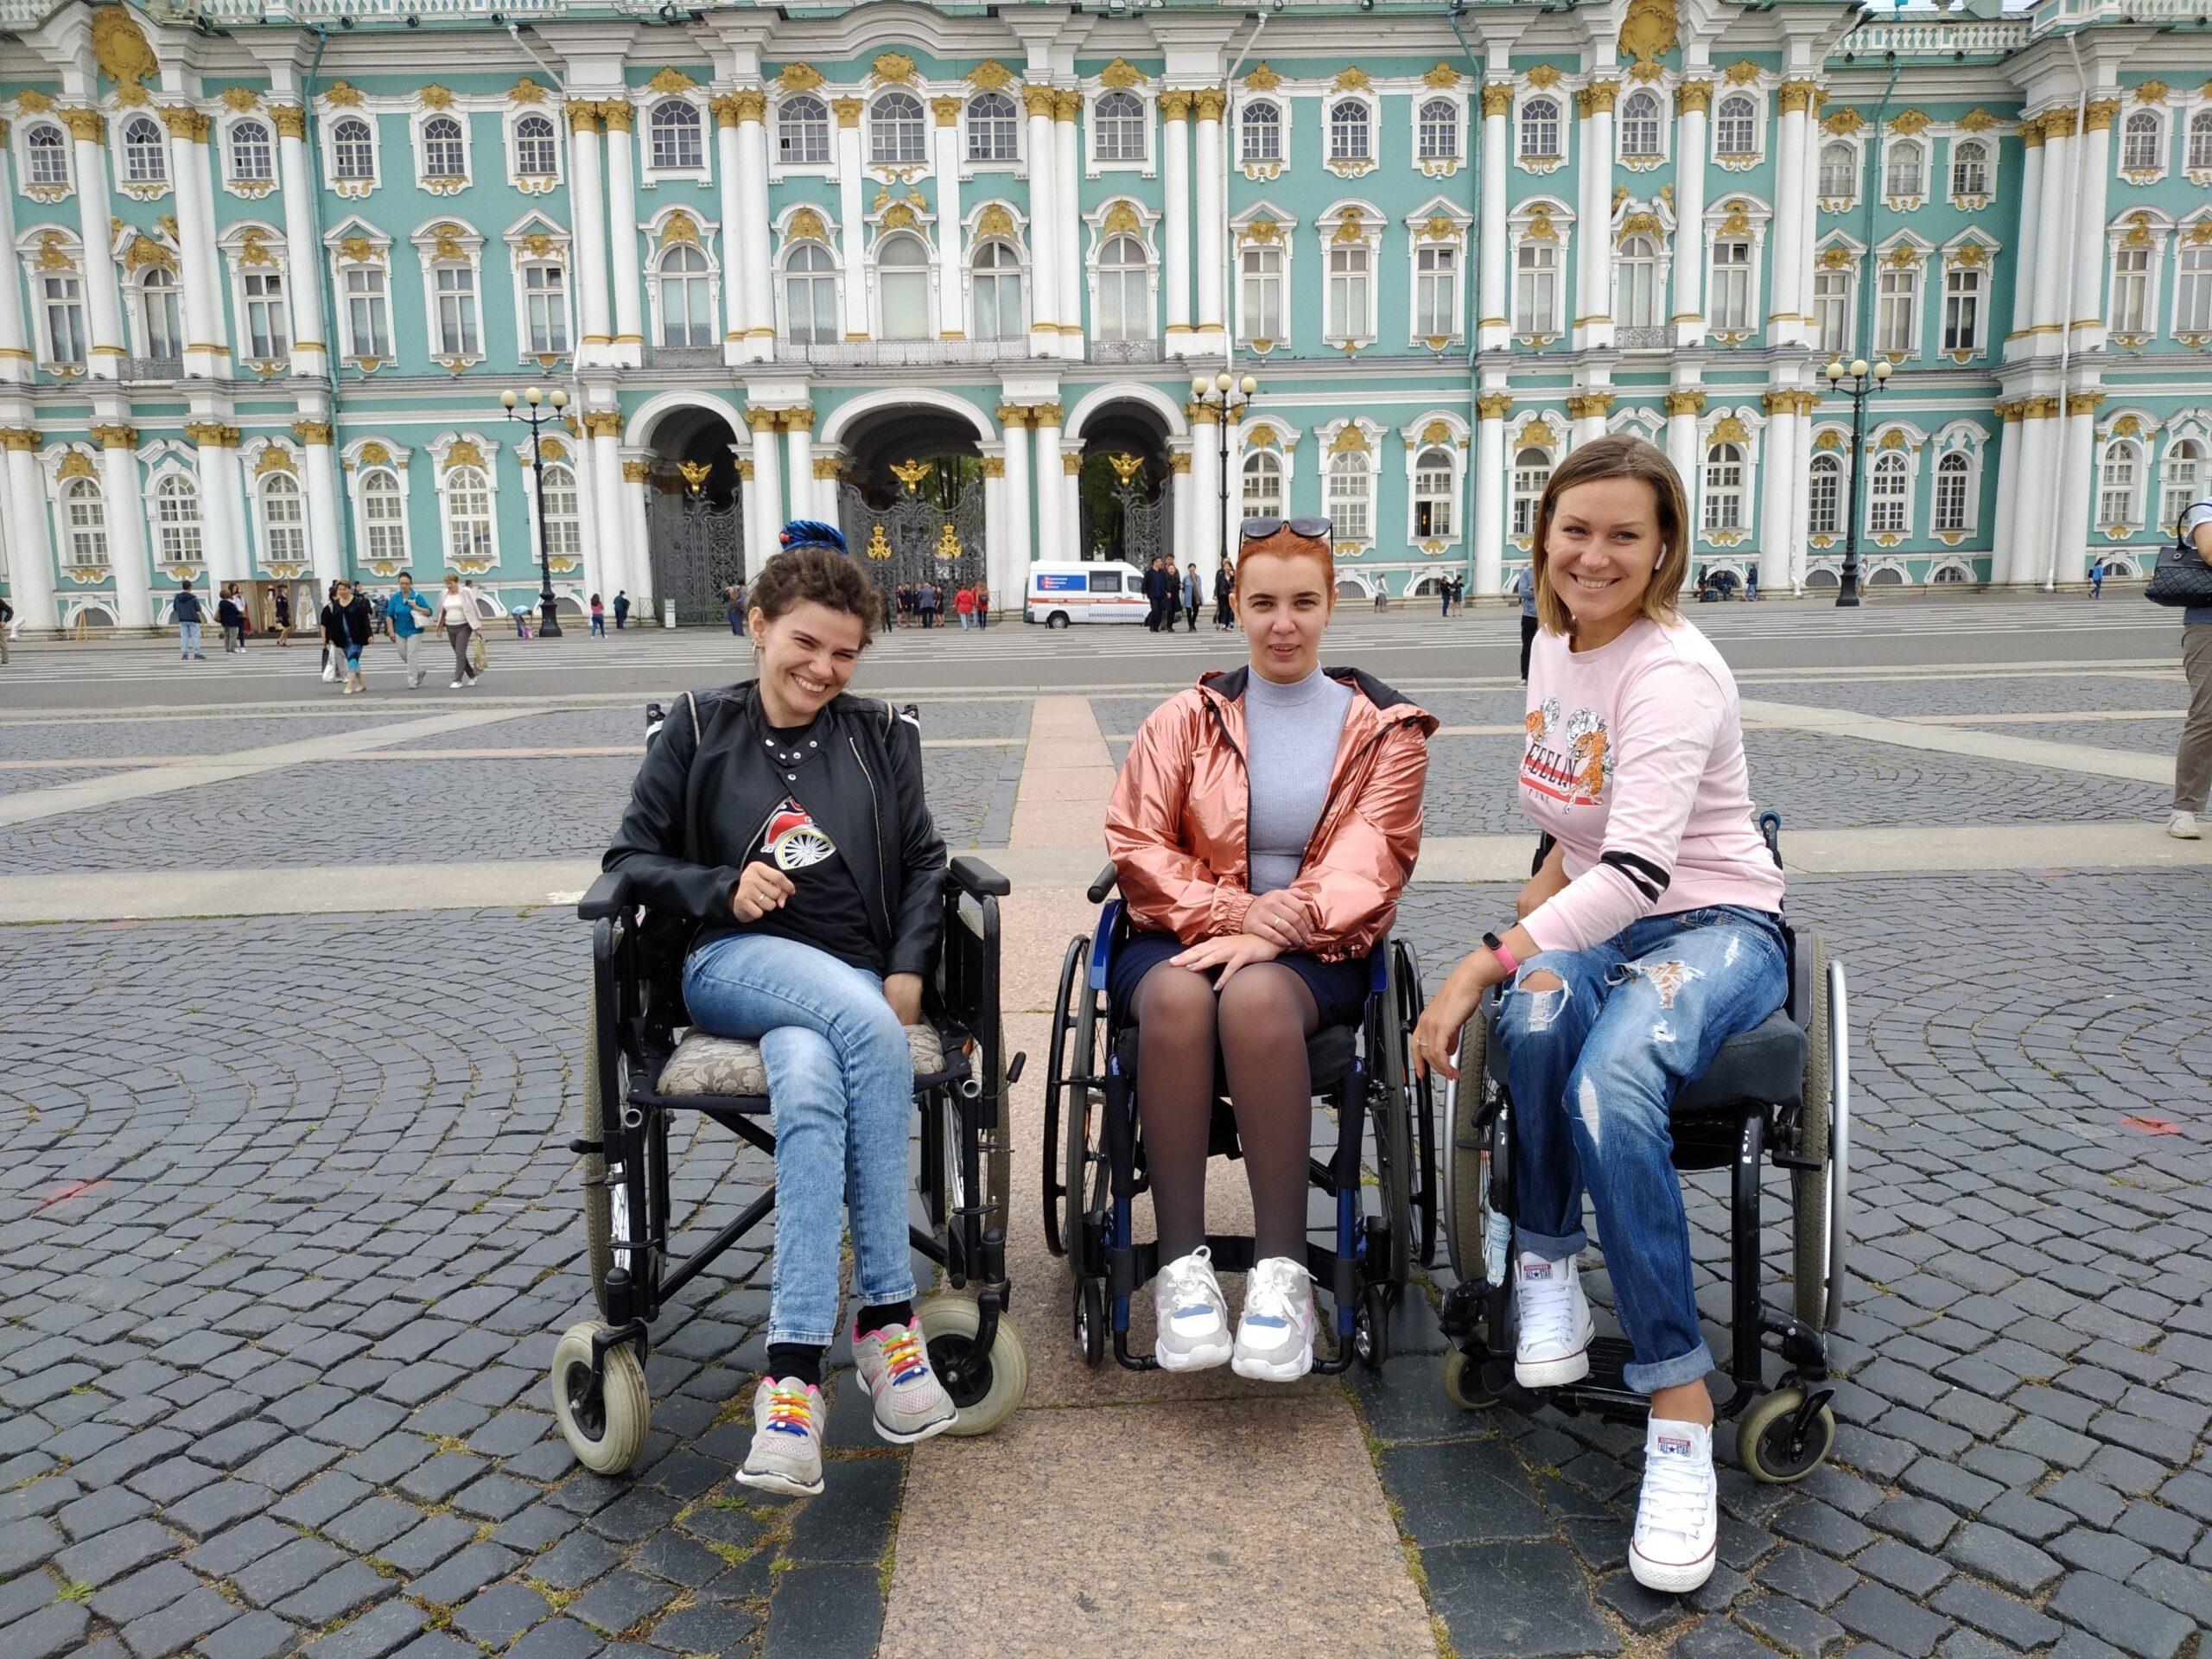 здоровая конкуренция дружба инвалиды